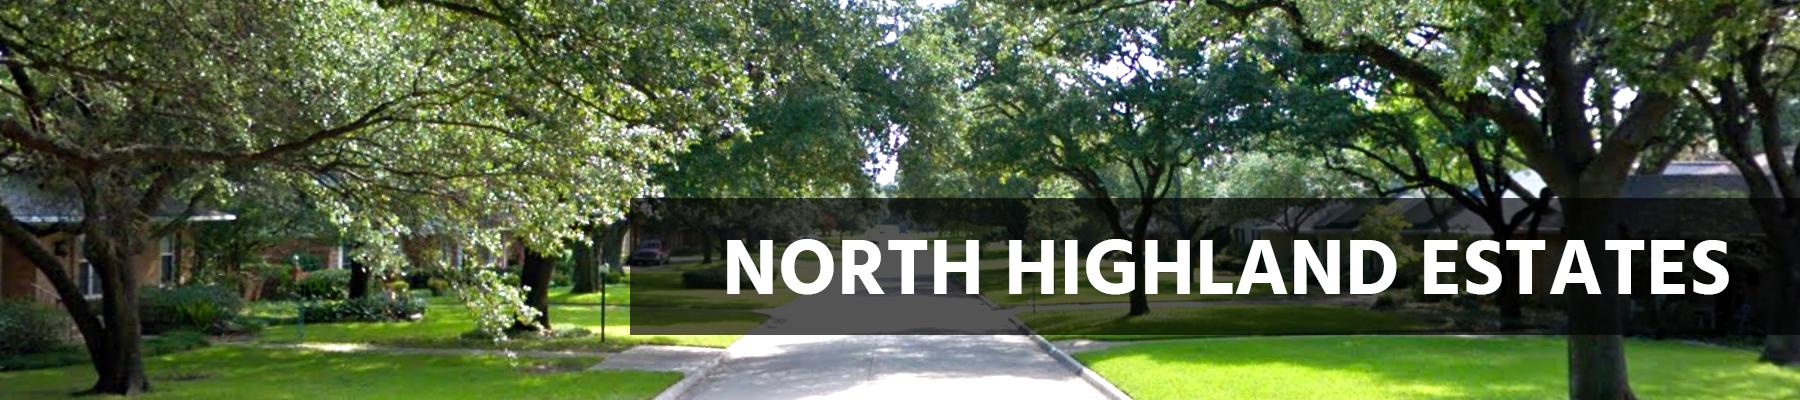 North Highland Estates_2.png